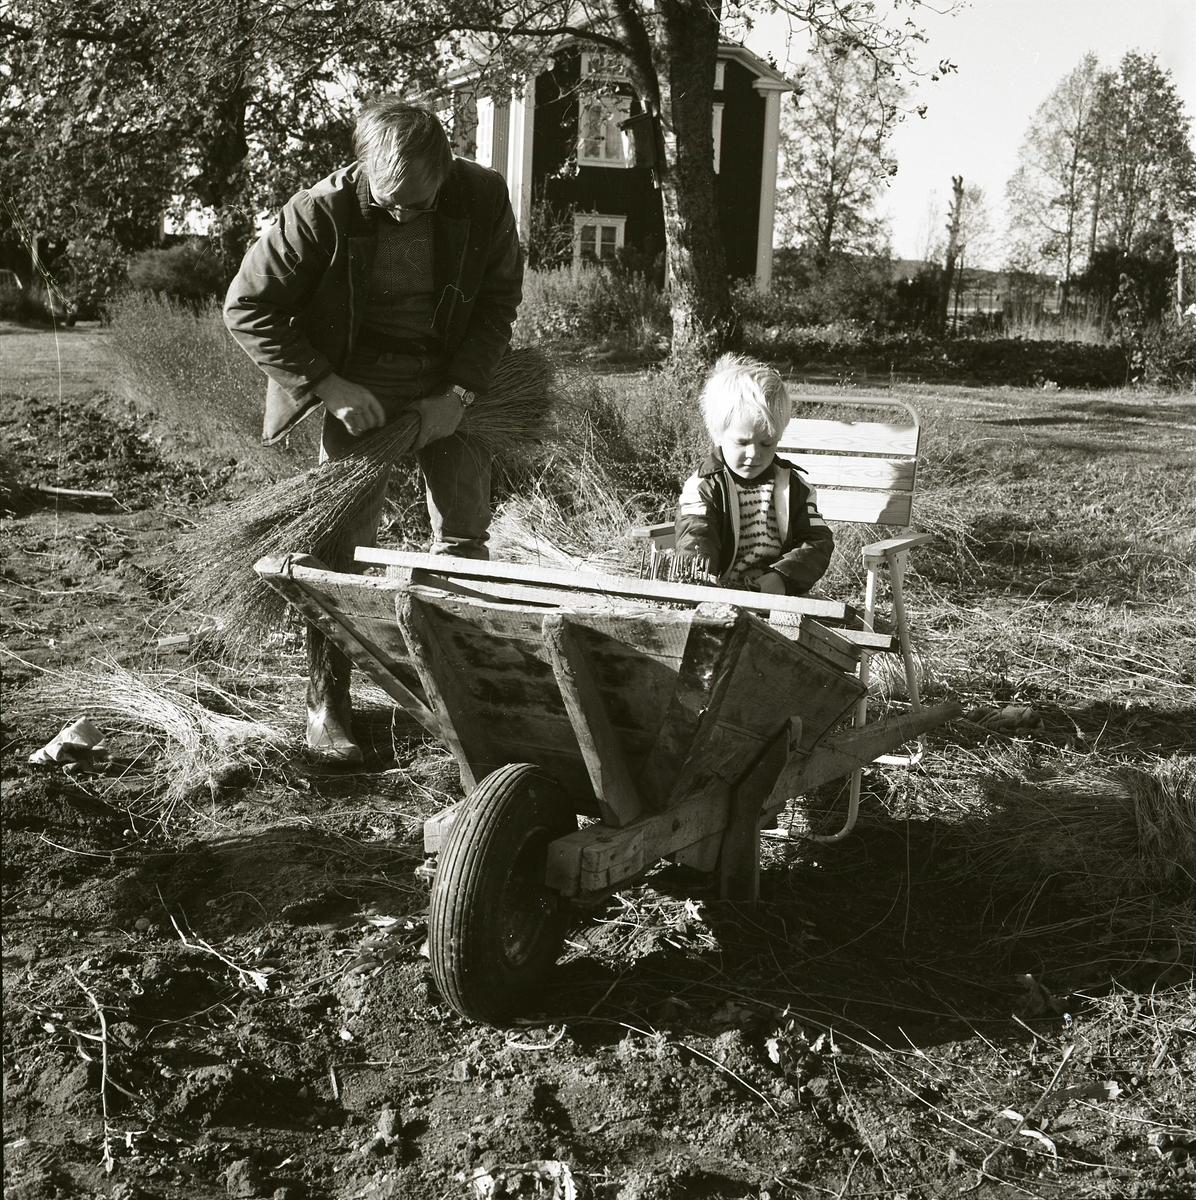 Ett barn sitter på en stol bakom en skottkärra och hjälper sin far med linrivning. Fadern står bredvid barnet och binder ihop en kärve av linstjälkar. Linet har odlats på gården Sunnanåker i Glössbo och skördas i oktober 1983.